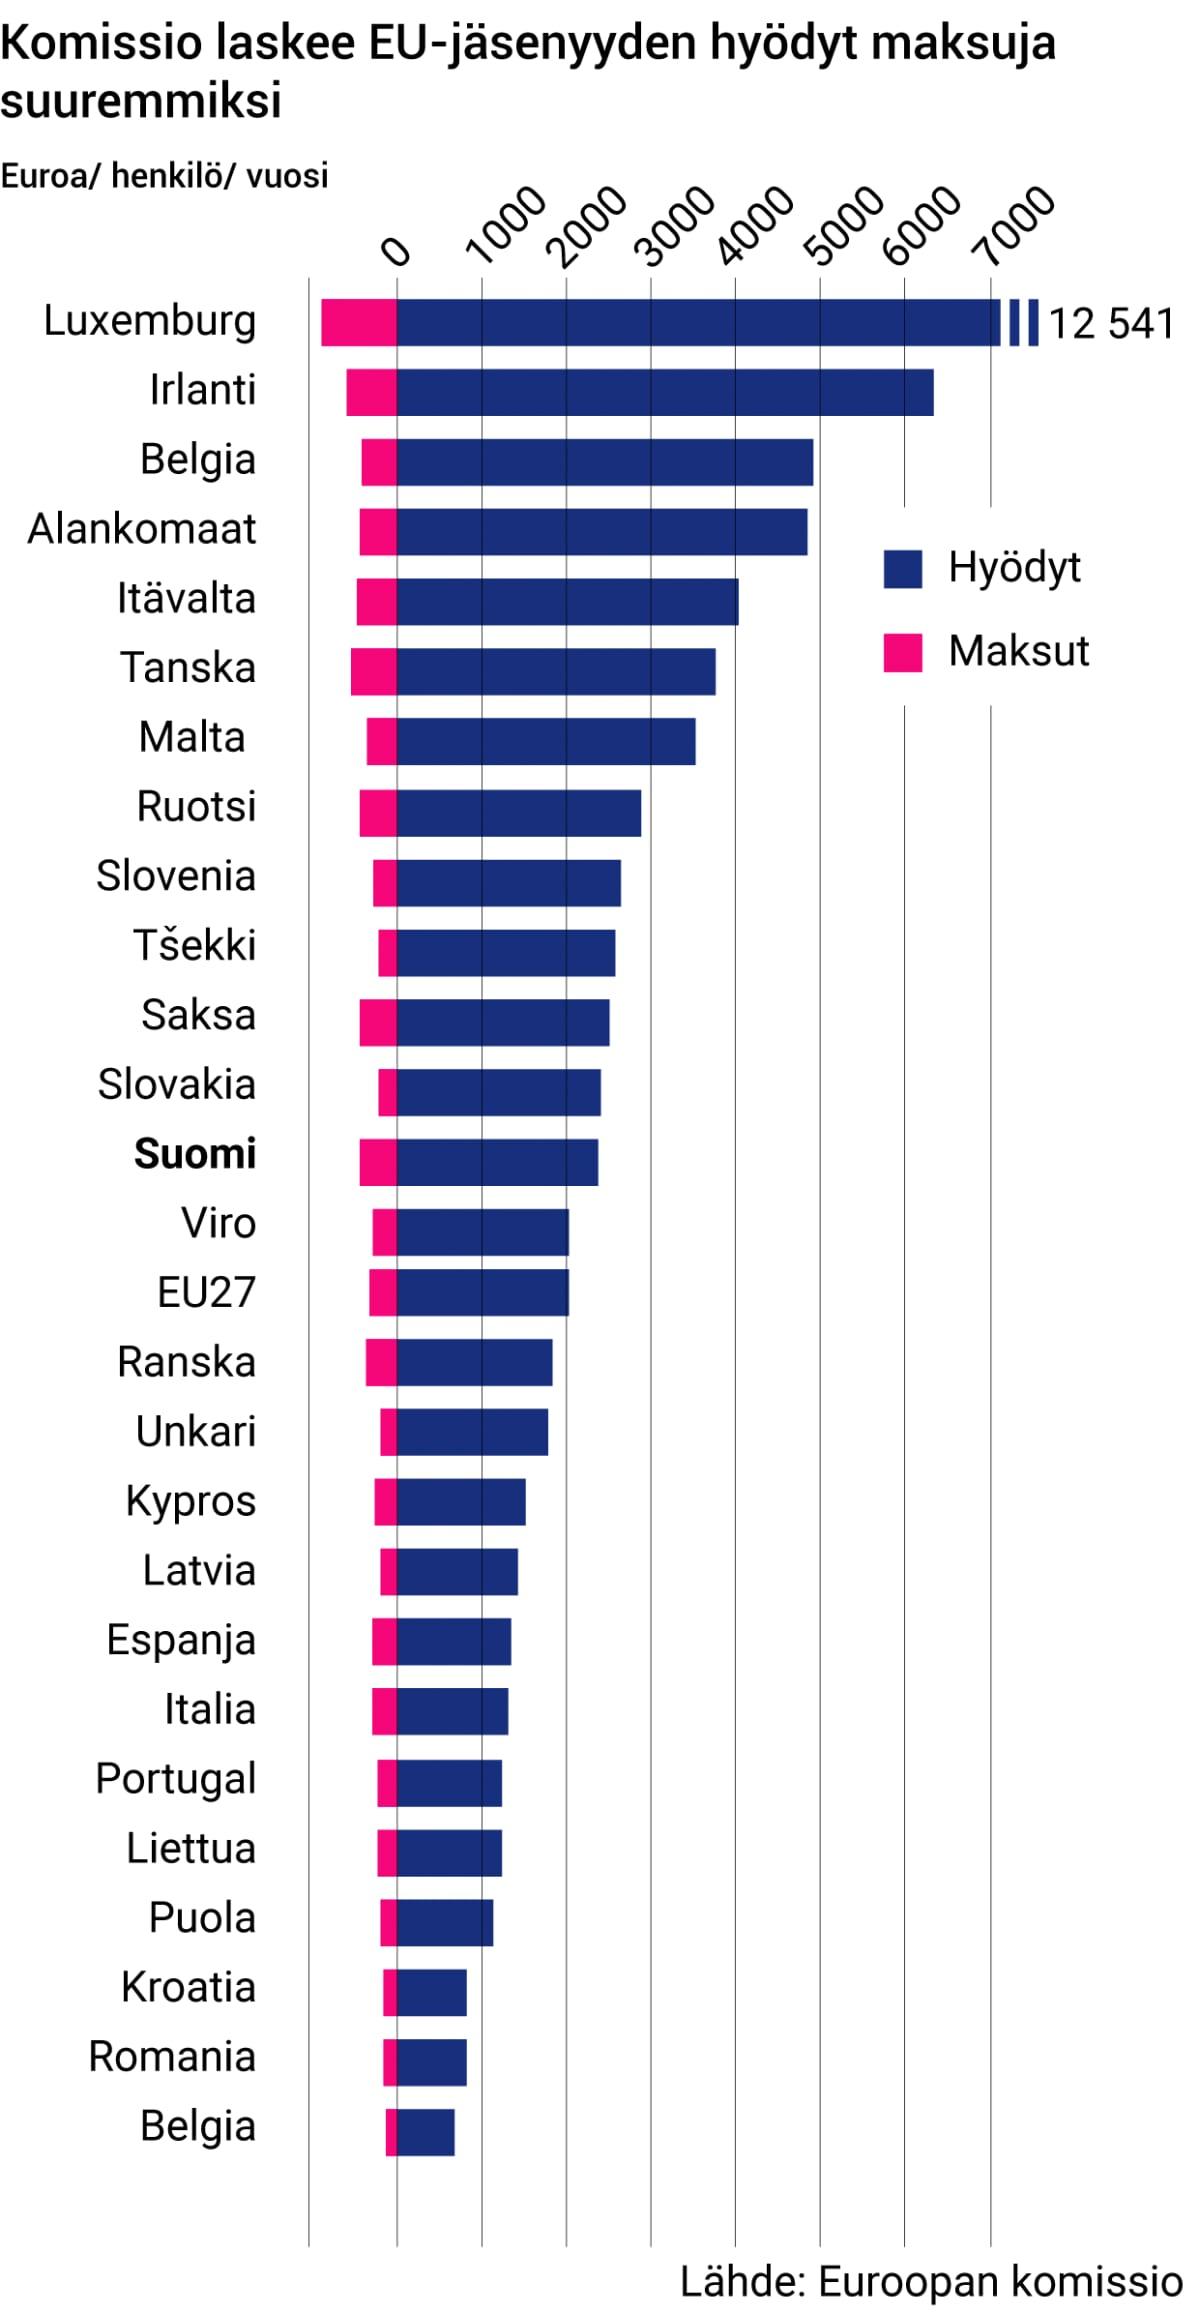 Komissio laskee EU-jäsenyyden hyödyt maksuja suuremmiksi